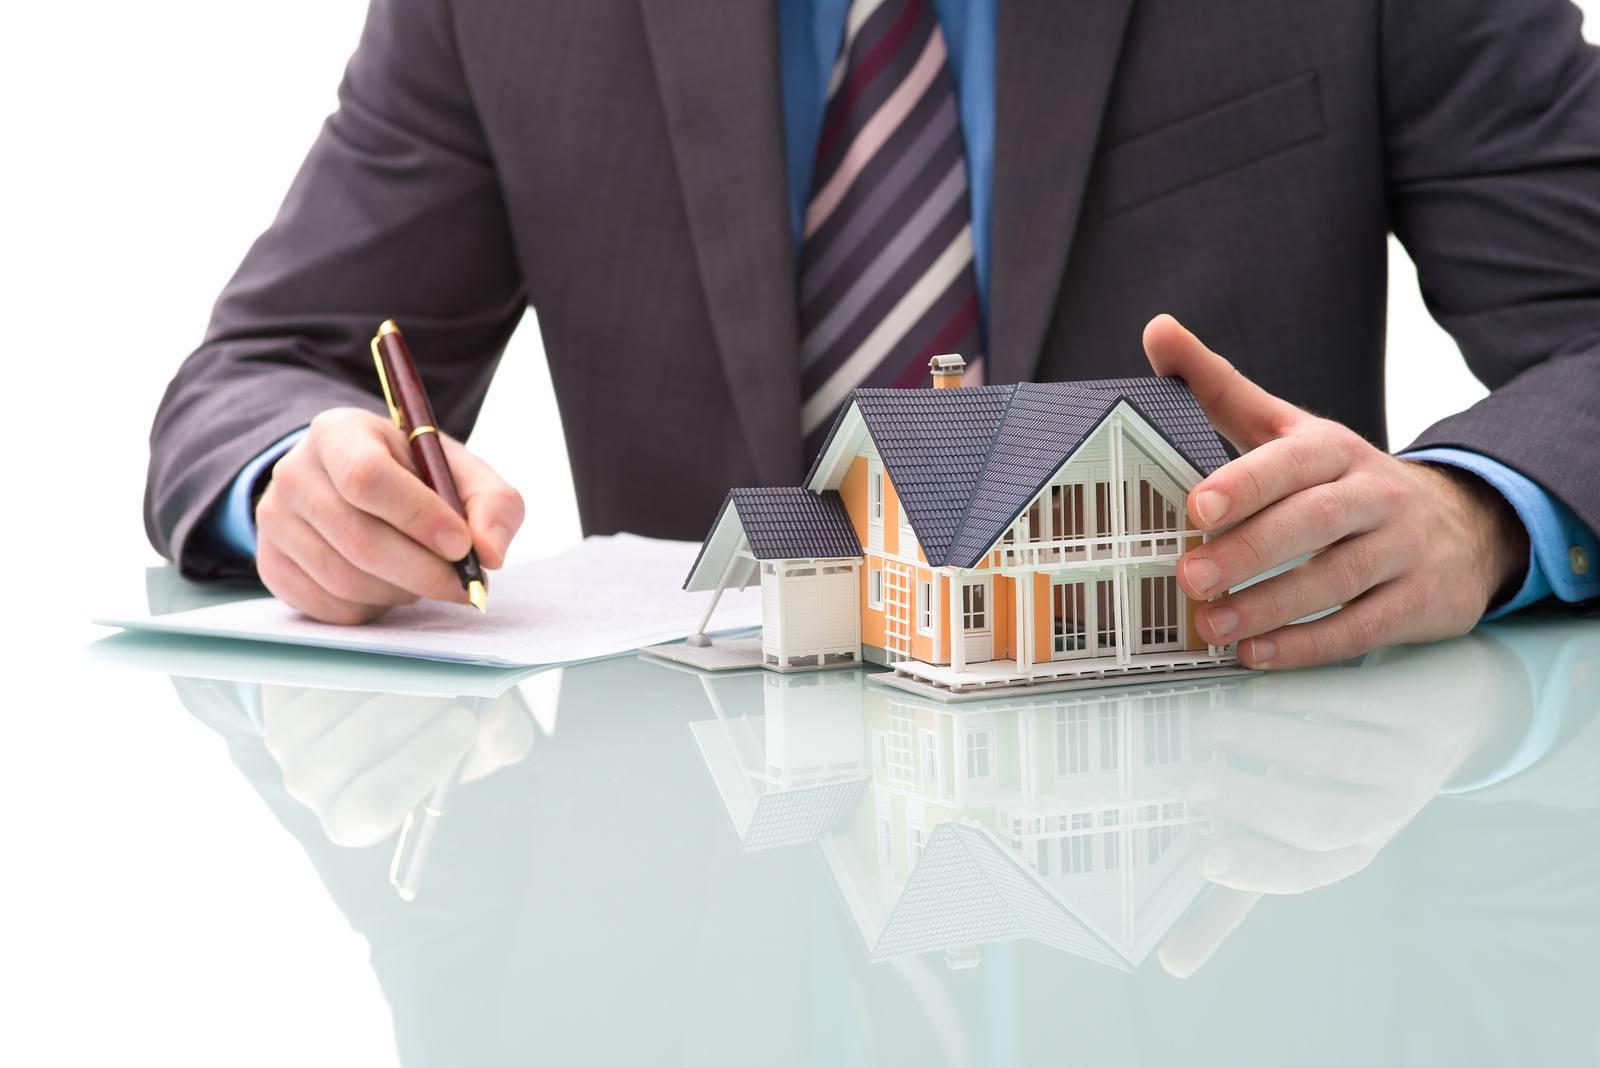 Vay mua nhà tối đa bao nhiêu năm?